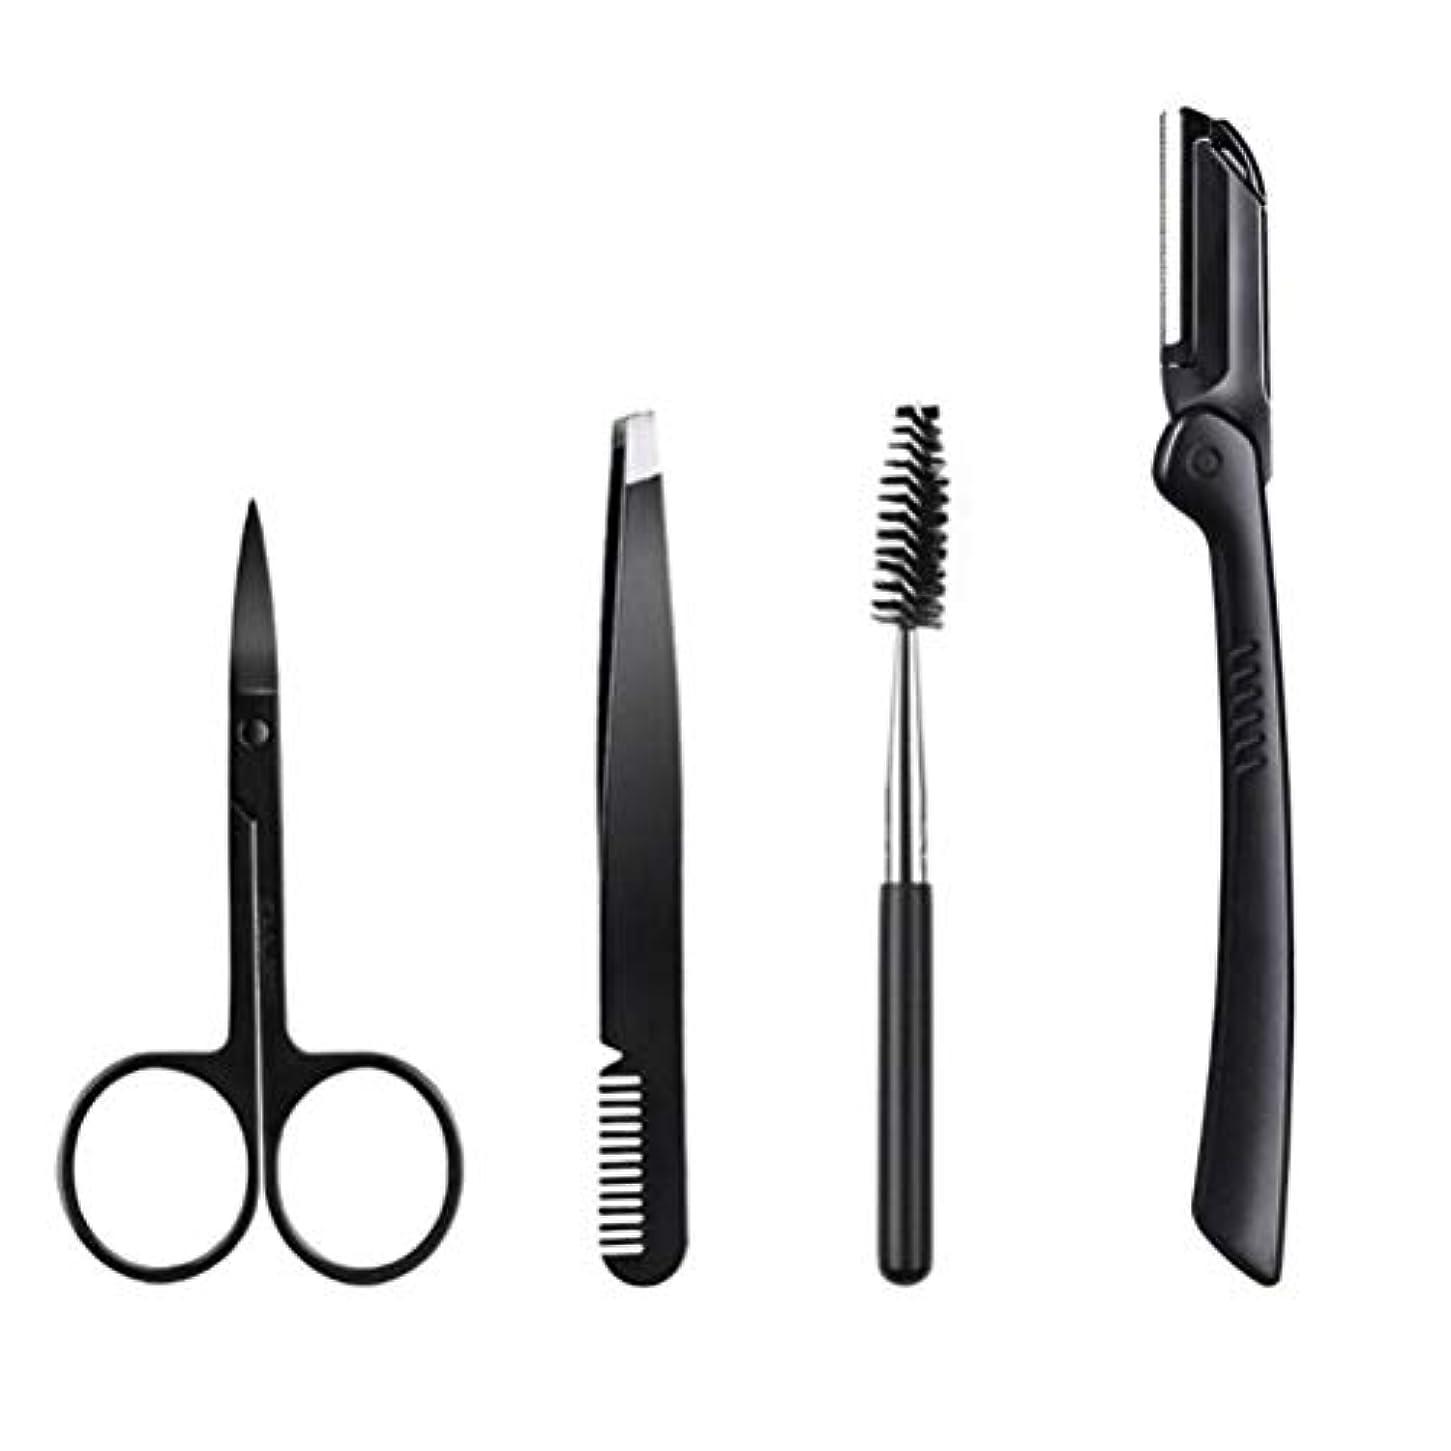 印刷するメトロポリタンこどもセンターLurrose 眉毛キット眉毛トリマーかみそりピンセットはさみステンシルブラシ眉毛グルーミングセット用女性と男性3ピース